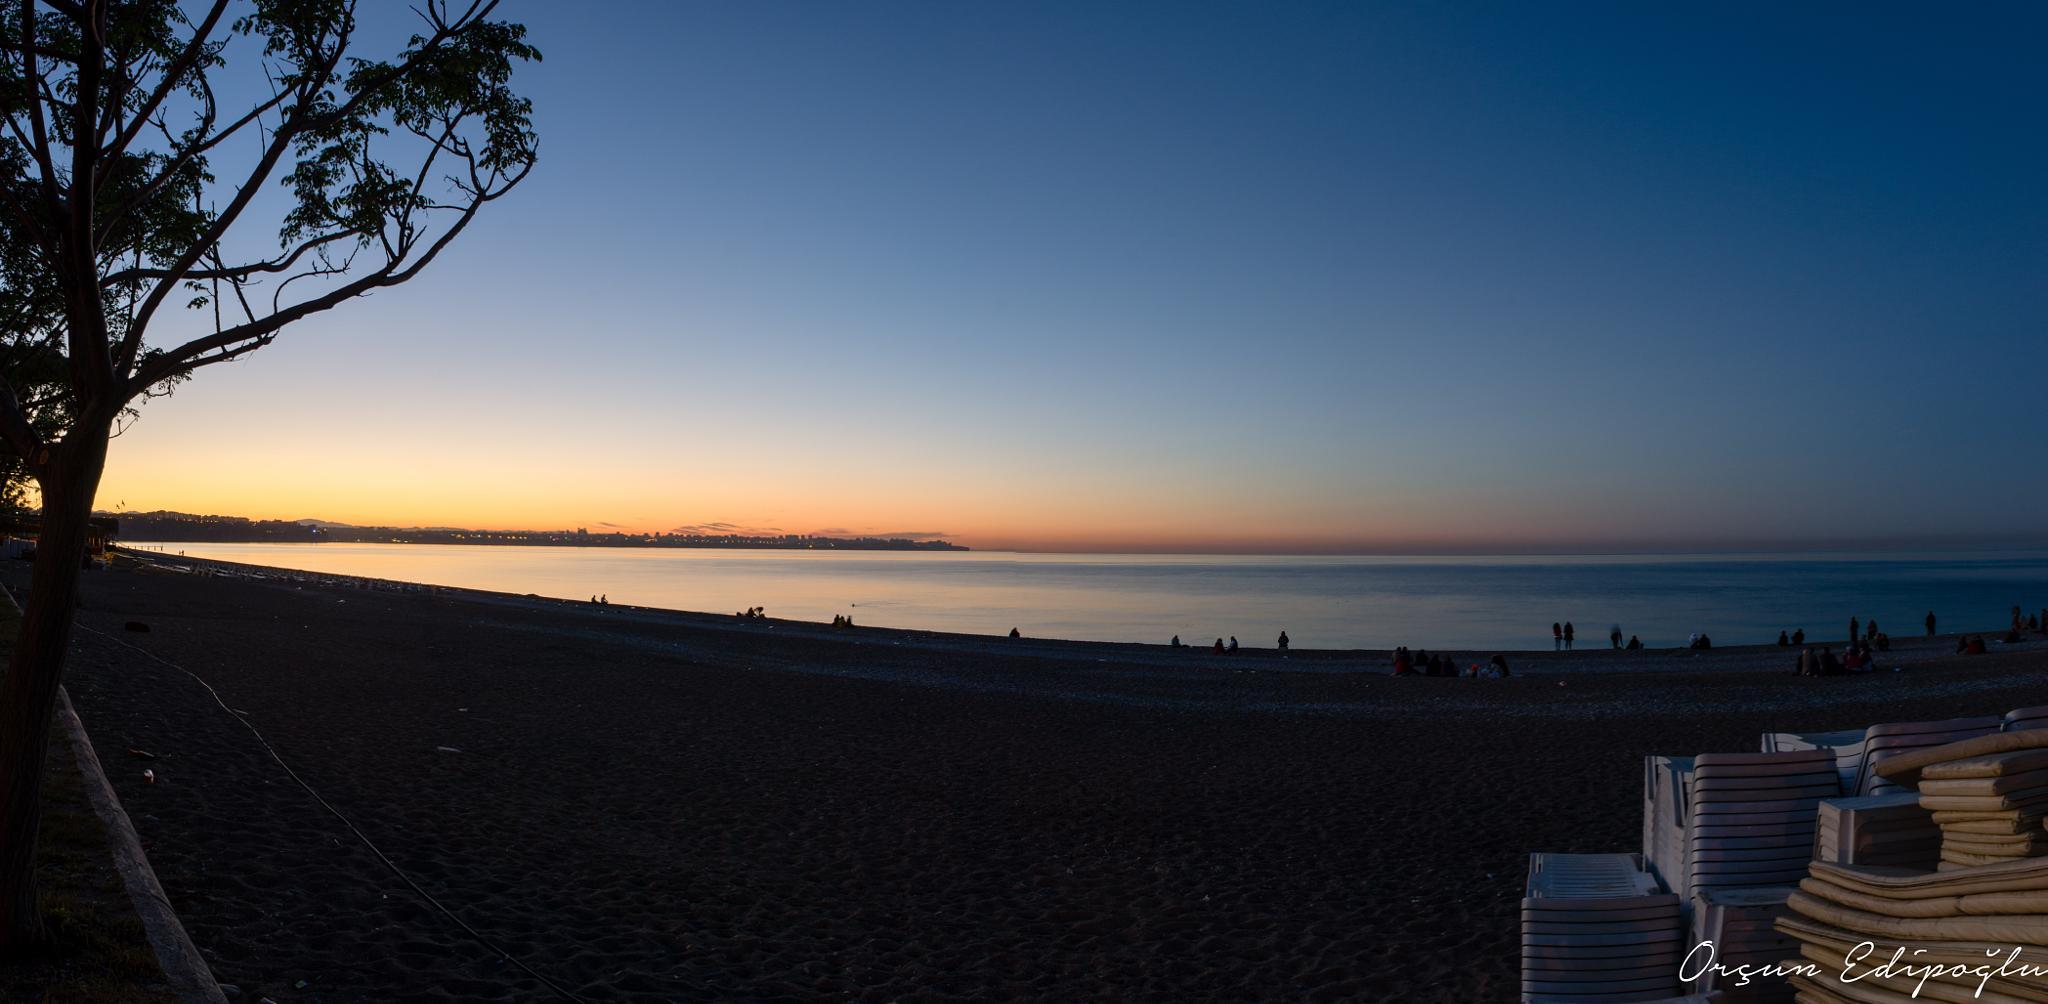 Konyaaltı Sunrise by orcun edipoglu